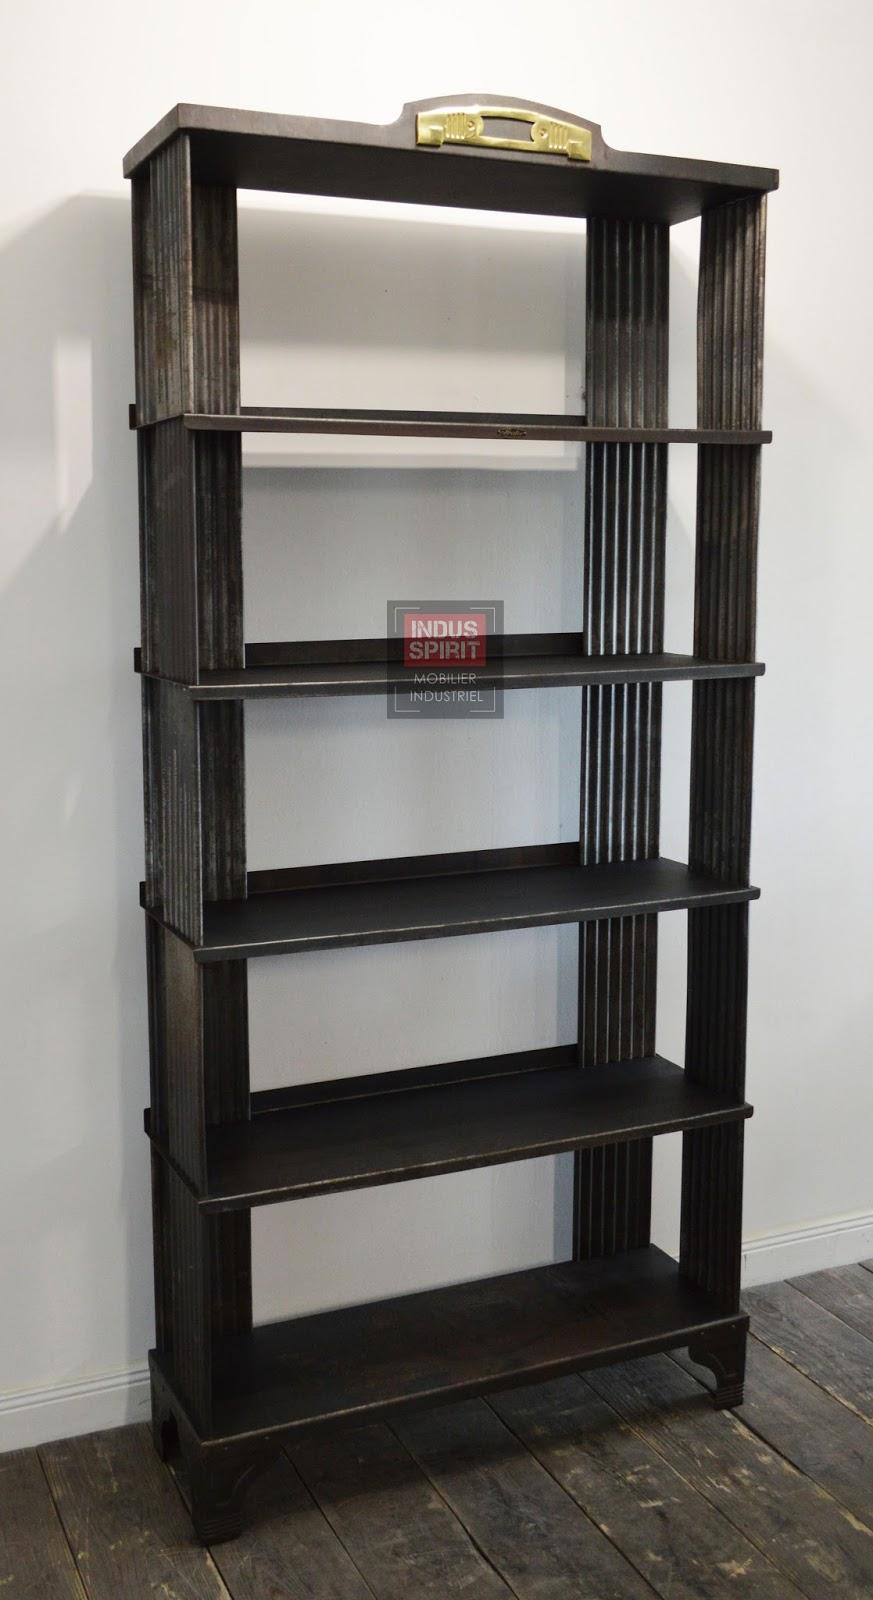 tag re strafor. Black Bedroom Furniture Sets. Home Design Ideas